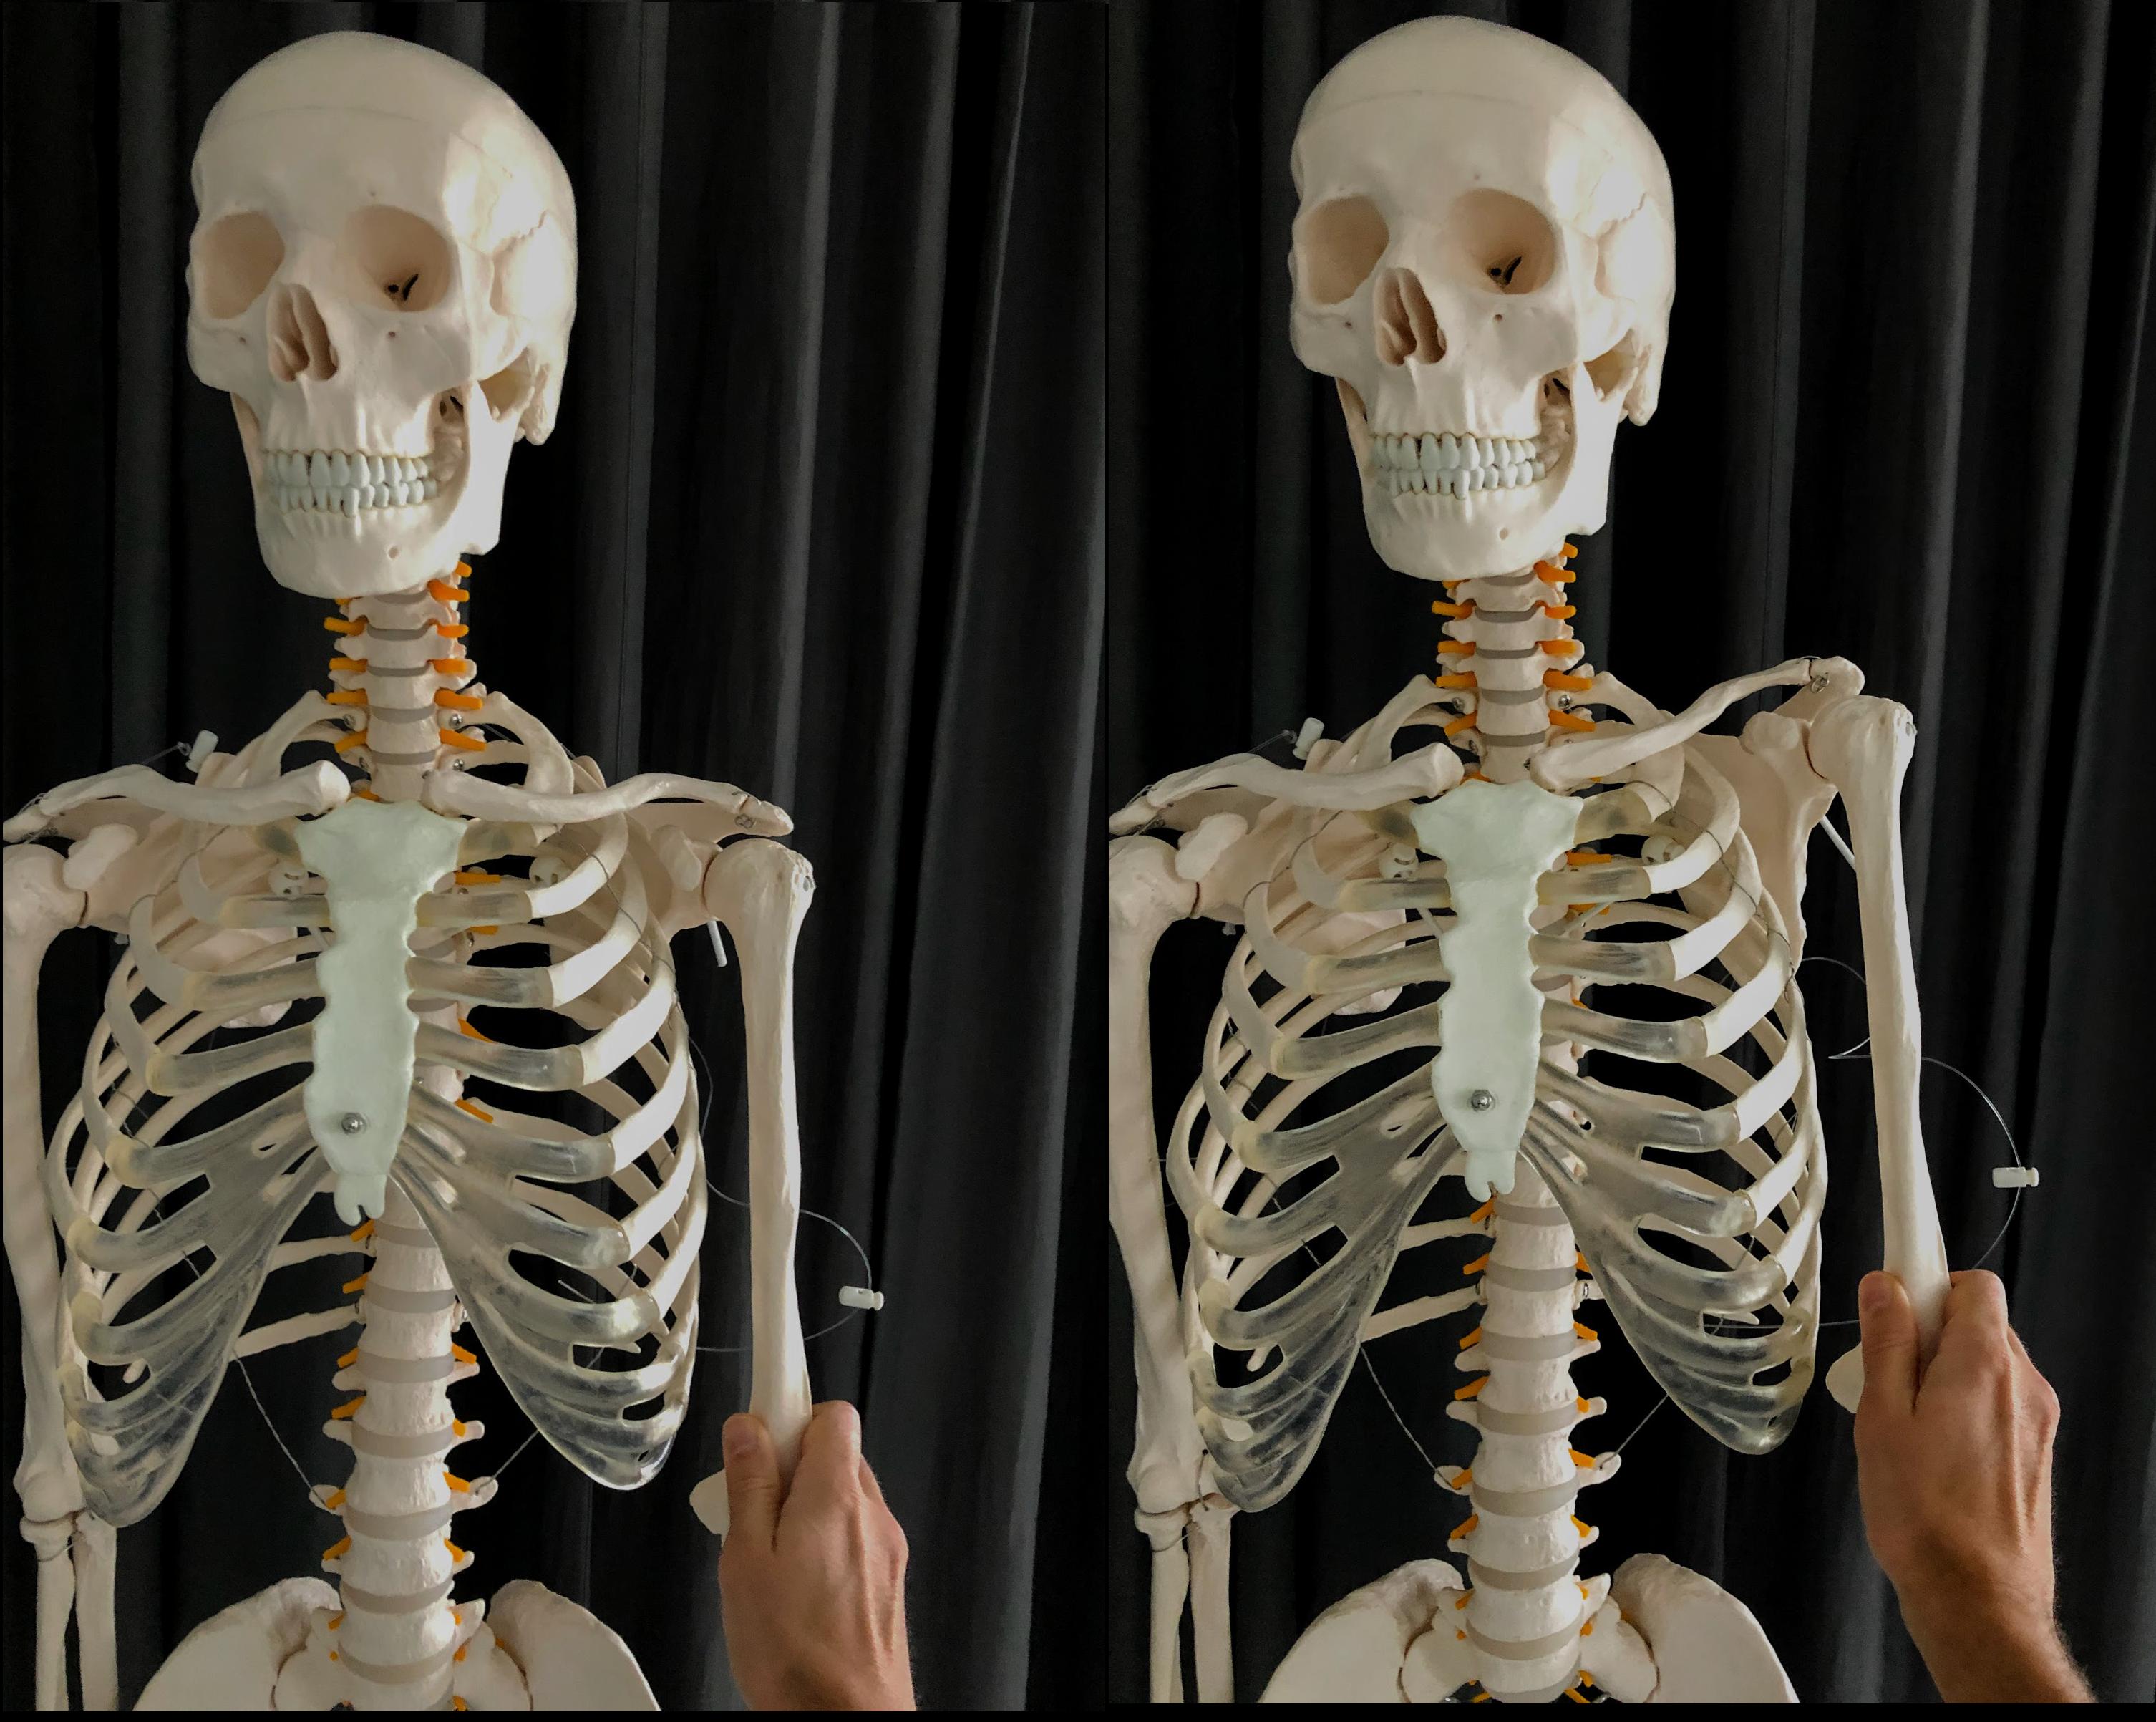 Skelet med høj knoglekvalitet, meget fleksible hofteled og bevægelige skulderblade